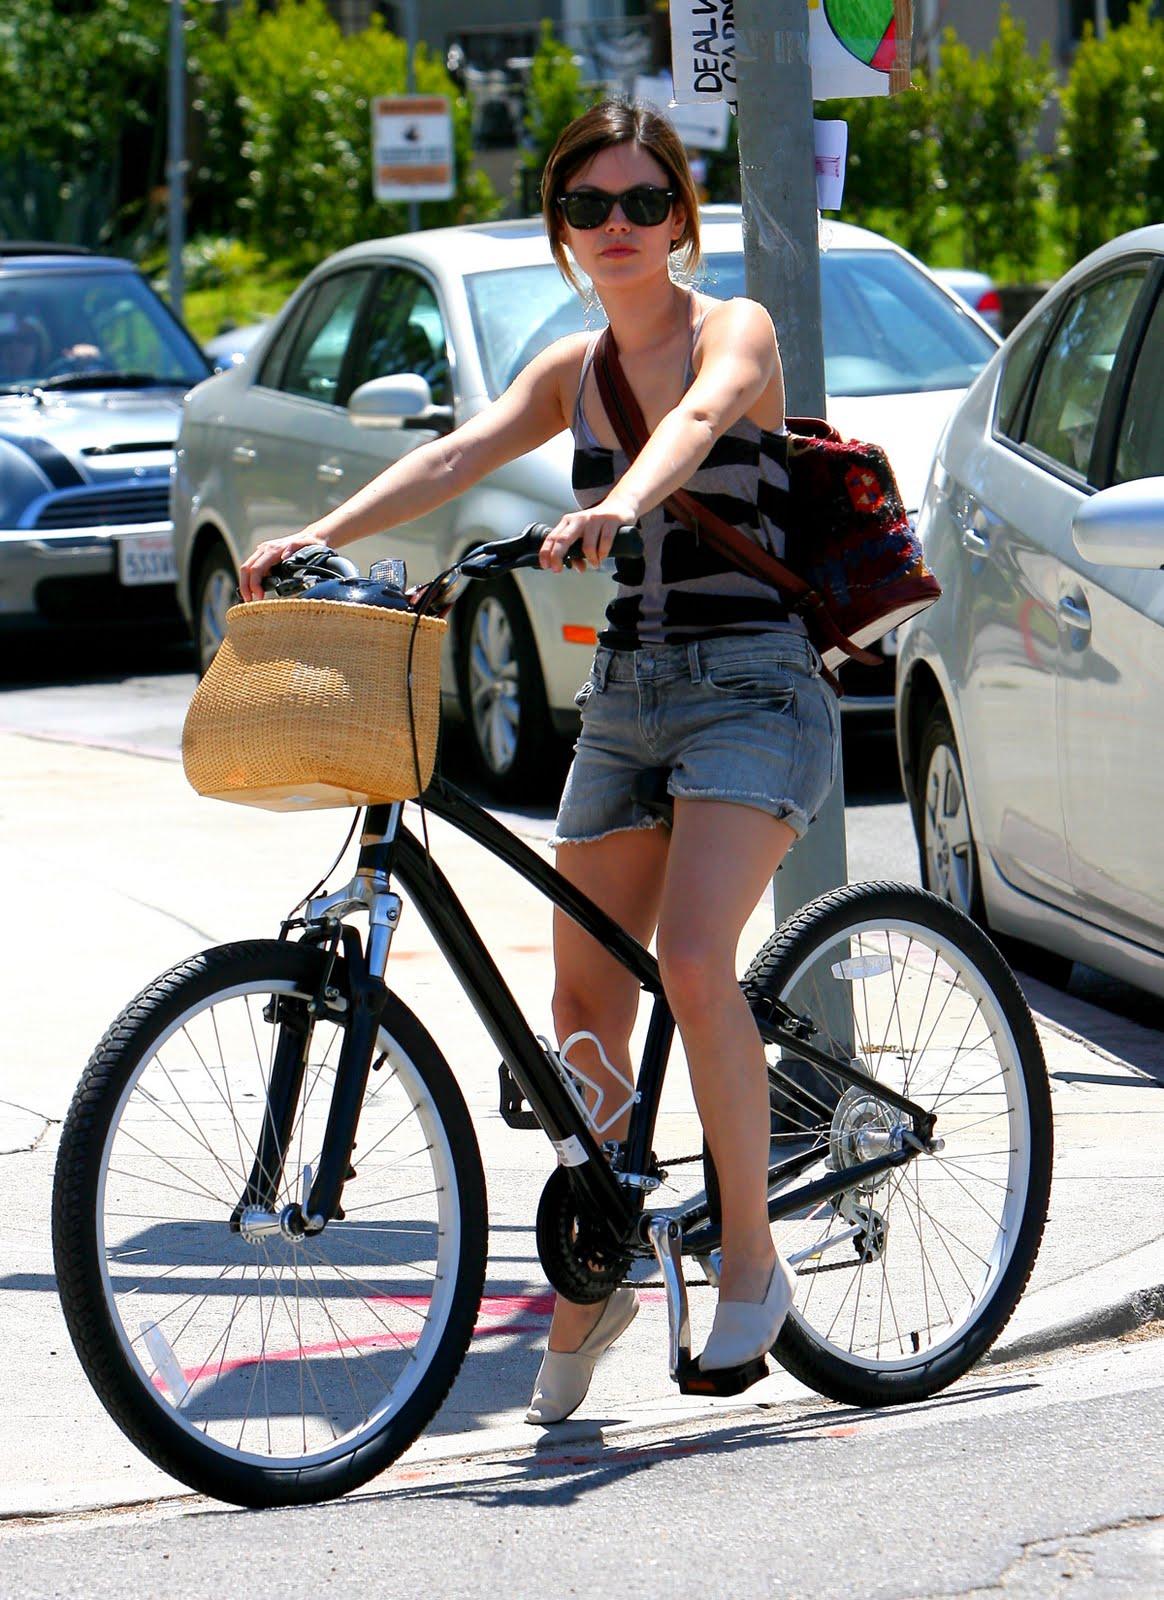 http://3.bp.blogspot.com/-7tTSQi8znu0/Taya9SW43oI/AAAAAAAAC5M/bn-XnQE6x18/s1600/28185_Preppie_Rachel_Bilson_bike_riding_in_Sherman_Oaks_28_122_337lo.jpg